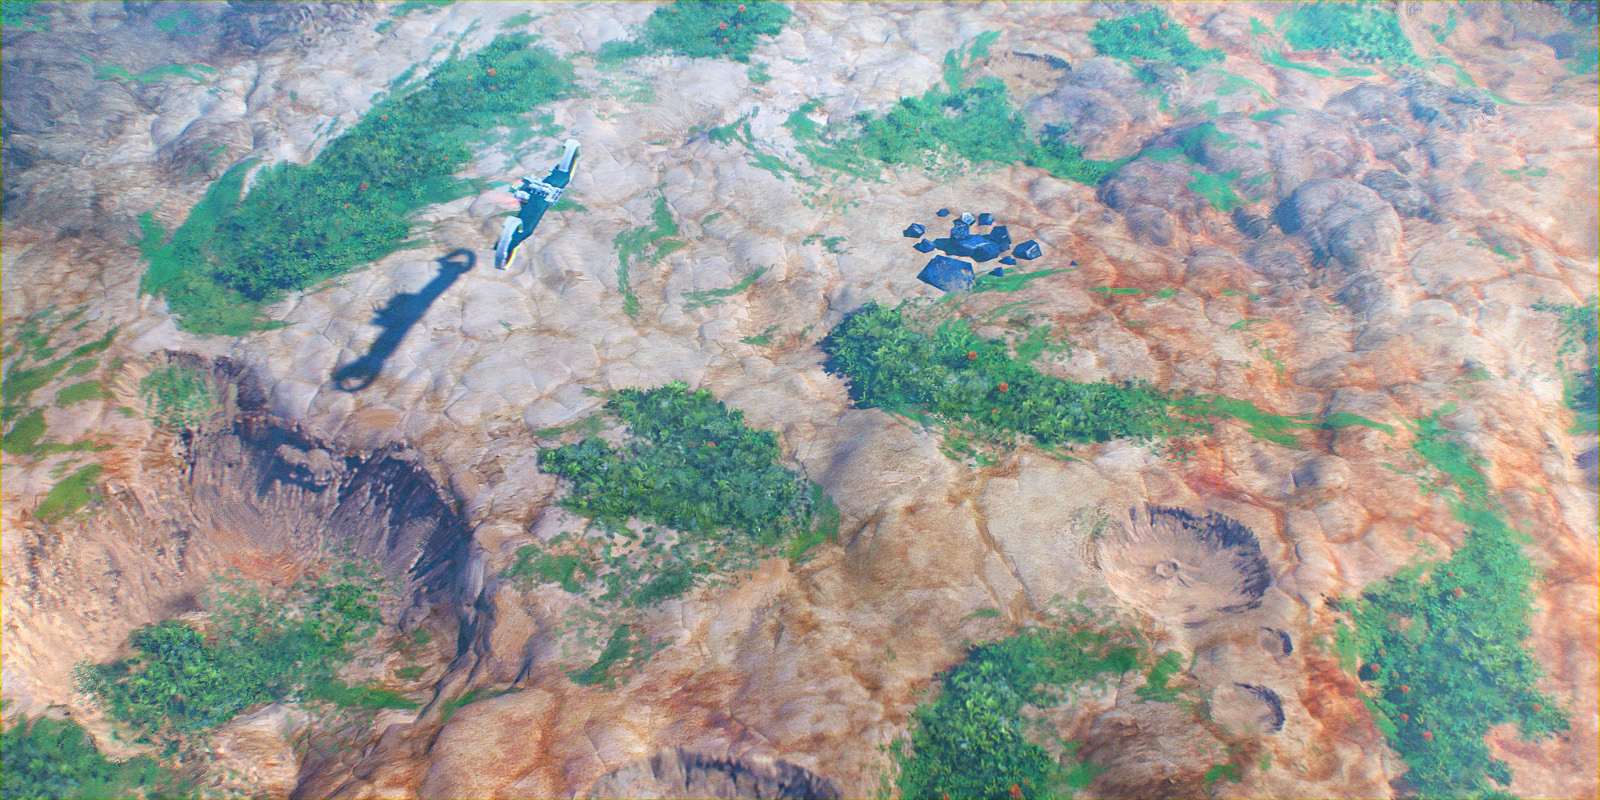 Terraformed Mars